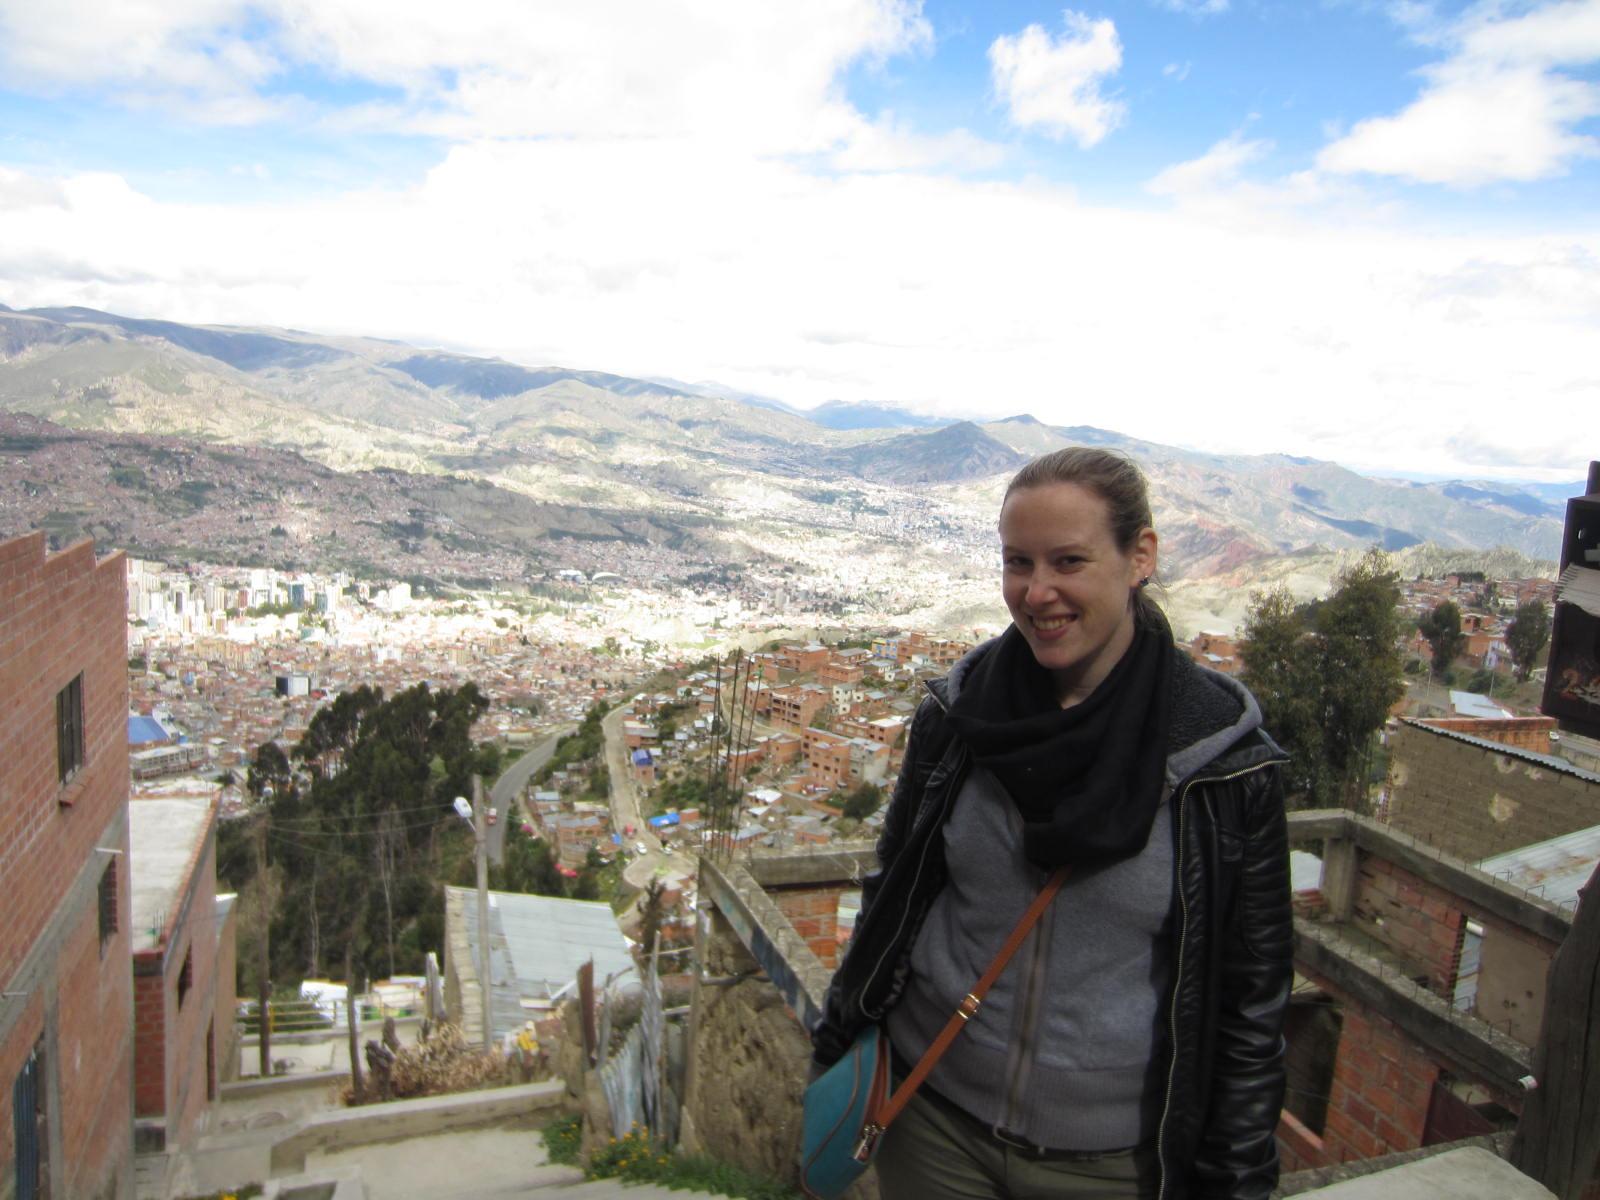 La Paz Walking Tour